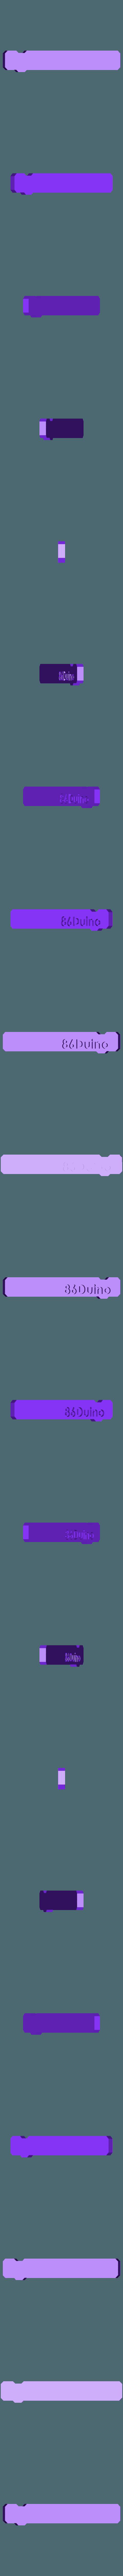 86Scratch-9.STL Download free STL file 86Duino Scratch block • 3D print model, 86Duino